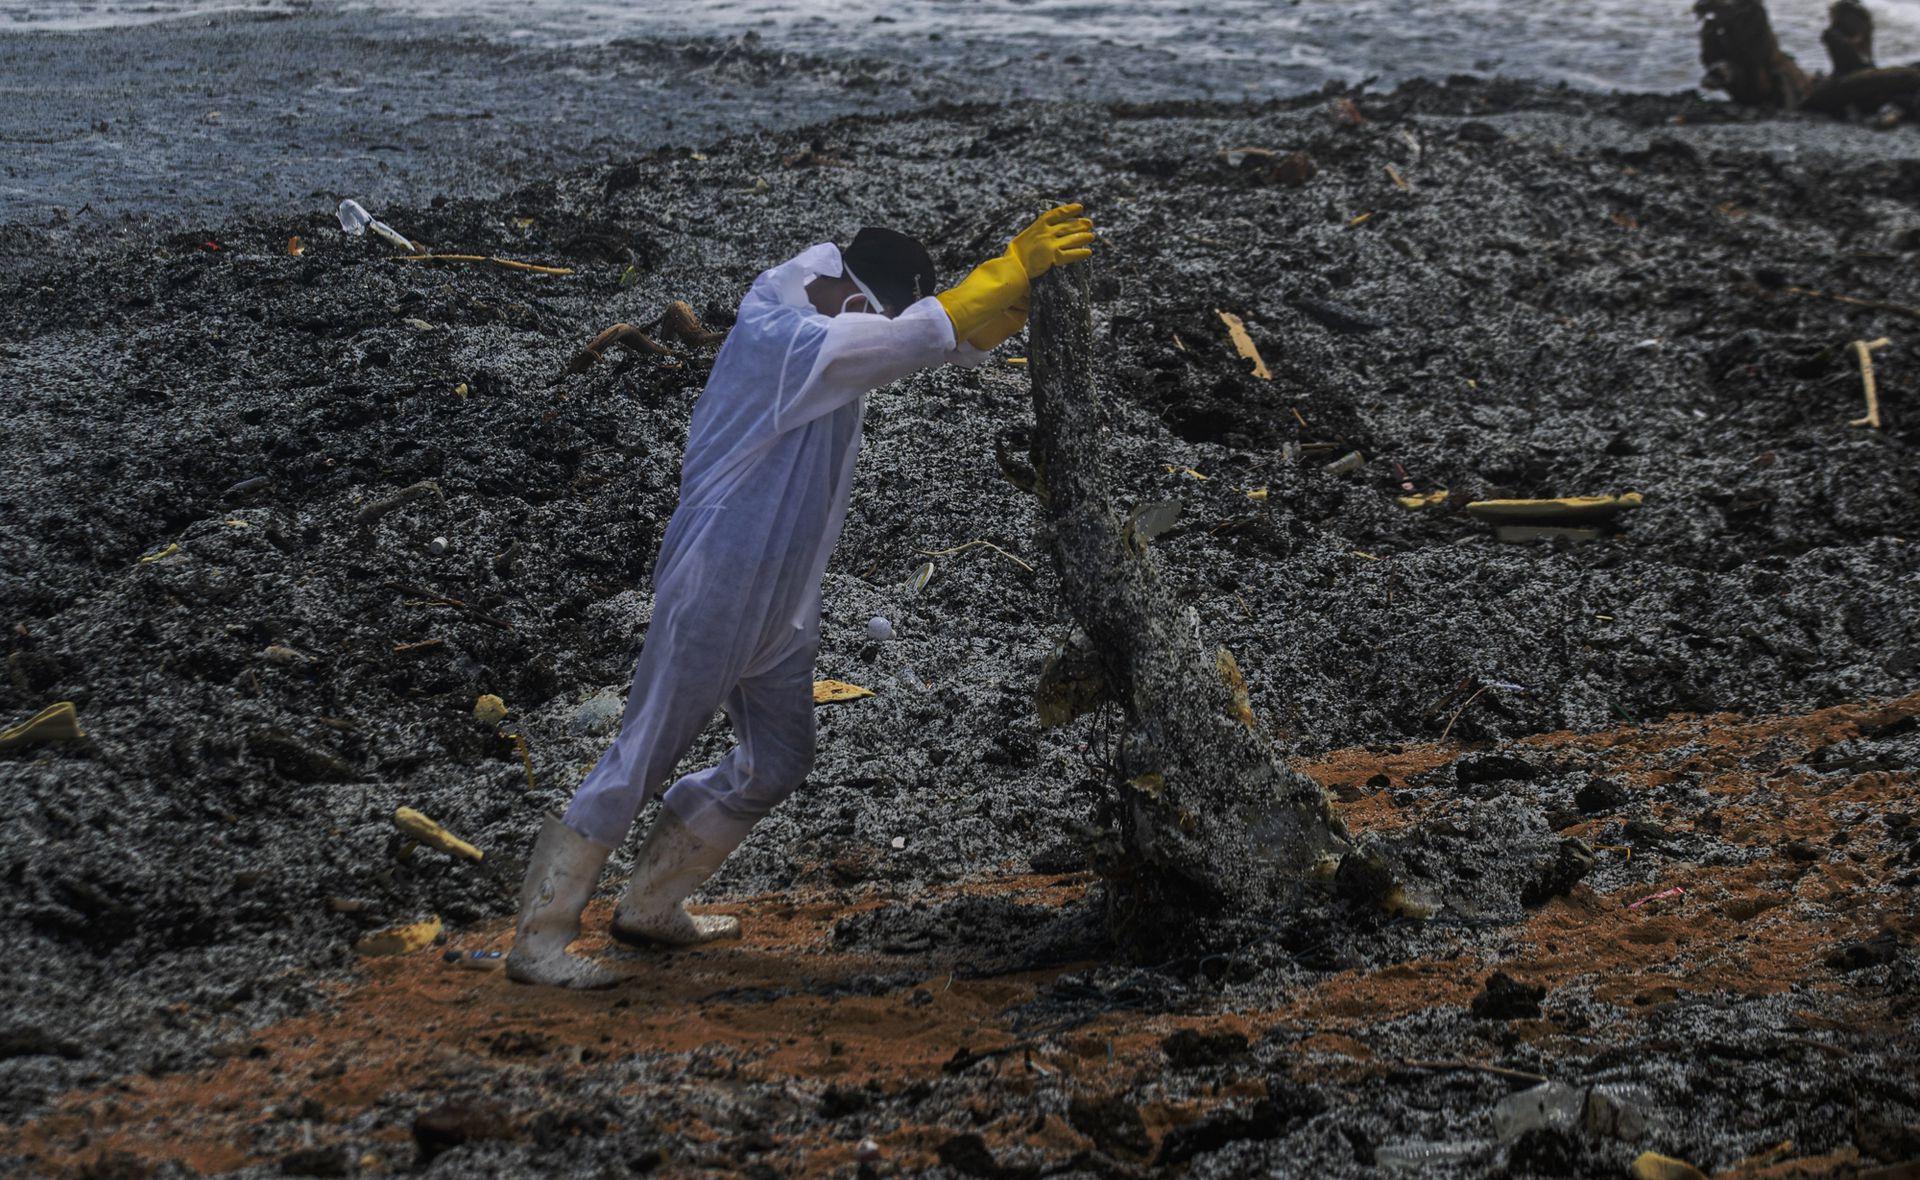 Las autoridades han minimizado el riesgo del ácido, ya que es neutralizado por el agua de mar. Pero Lahandapura dijo que una gran cantidad de petróleo podría llegar a la región turística y pesquera de Negombo, a 40 kilómetros al norte de la capital de Sri Lanka